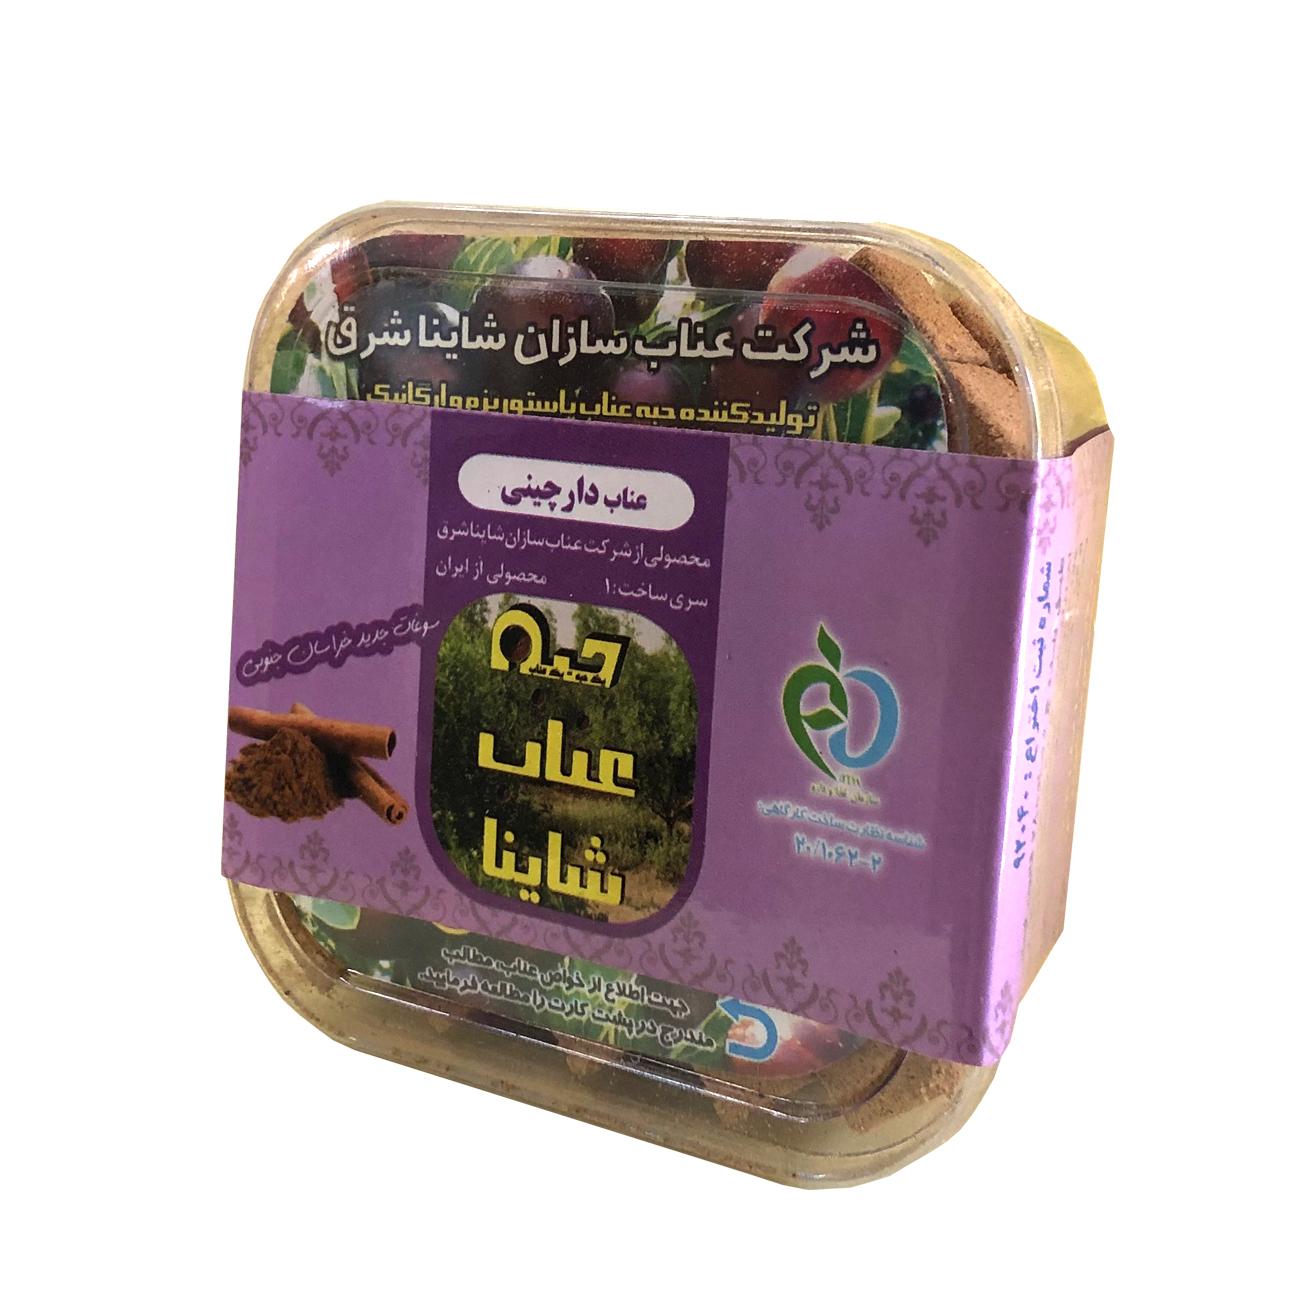 قند رژیمی حبه عناب شاینا با طعم دارچین - 155 گرم